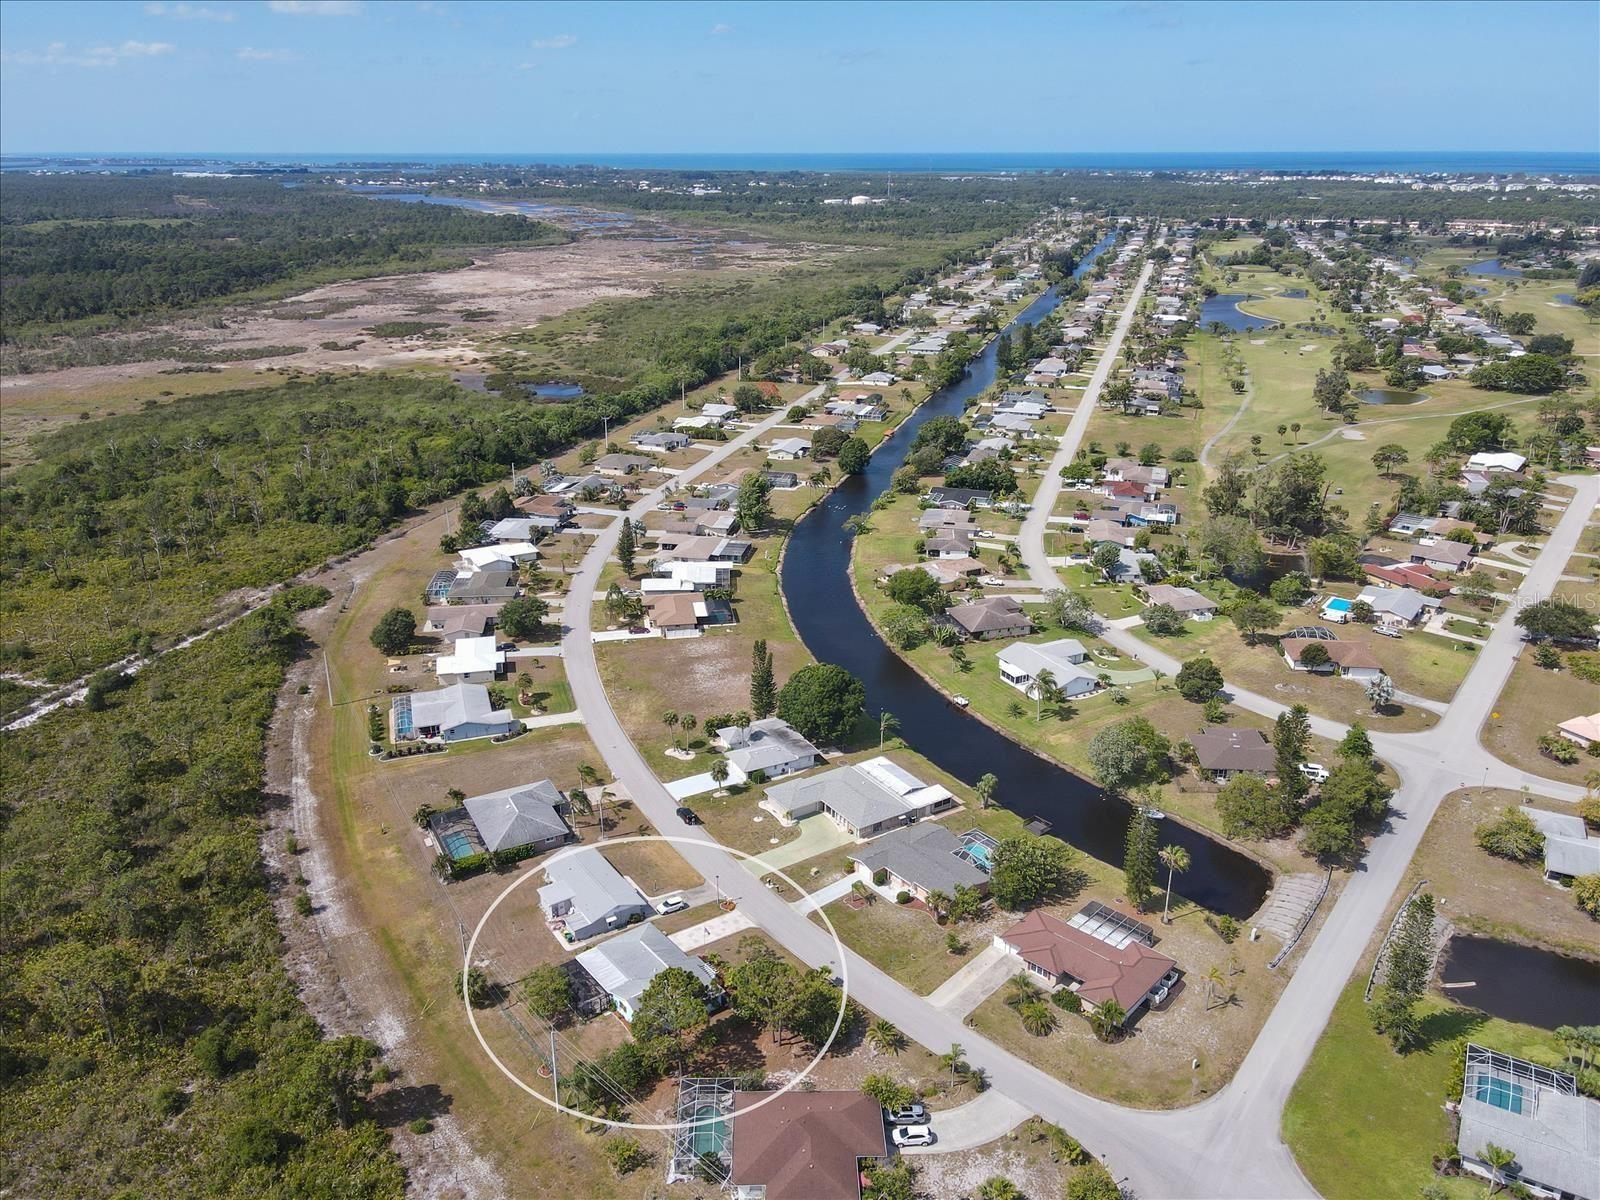 Photo of 143 ANNAPOLIS LANE, ROTONDA WEST, FL 33947 (MLS # D6118916)